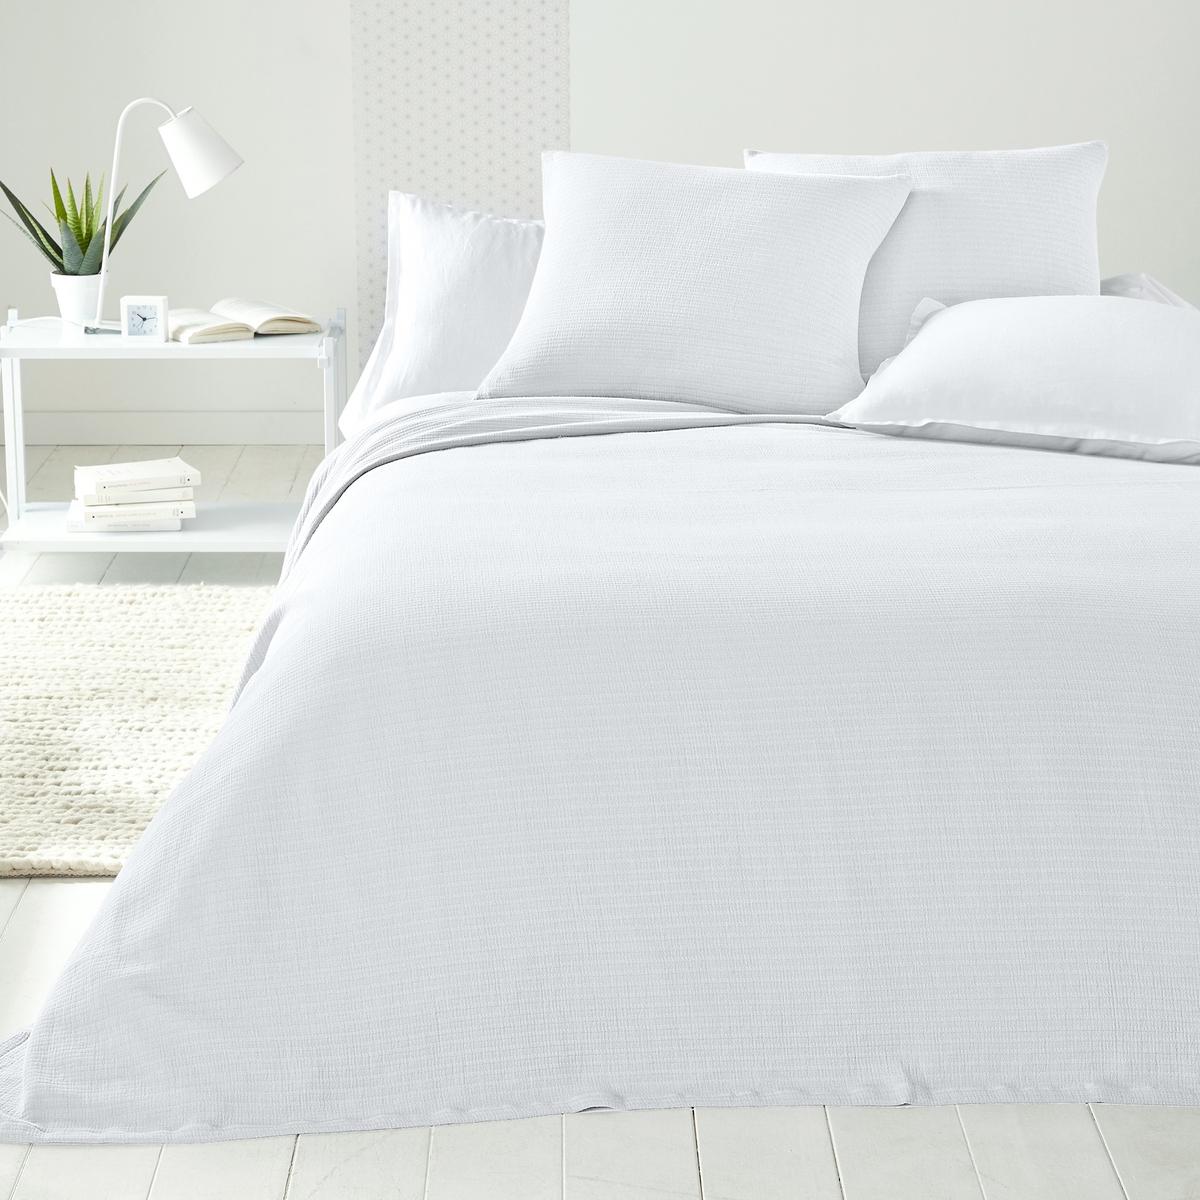 Покрывало для кровати IhlowПокрывало для кровати Ihlow с модным гофрированным эффектом .Характеристики покрывала для кровати Ihlow  :- 100% хлопок.Подшитые края.<br><br>Цвет: белый,желтый горчичный,зеленый,серо-бежевый,серый,синий морской<br>Размер: 180 x 230  см.230 x 250  см.150 x 150  см